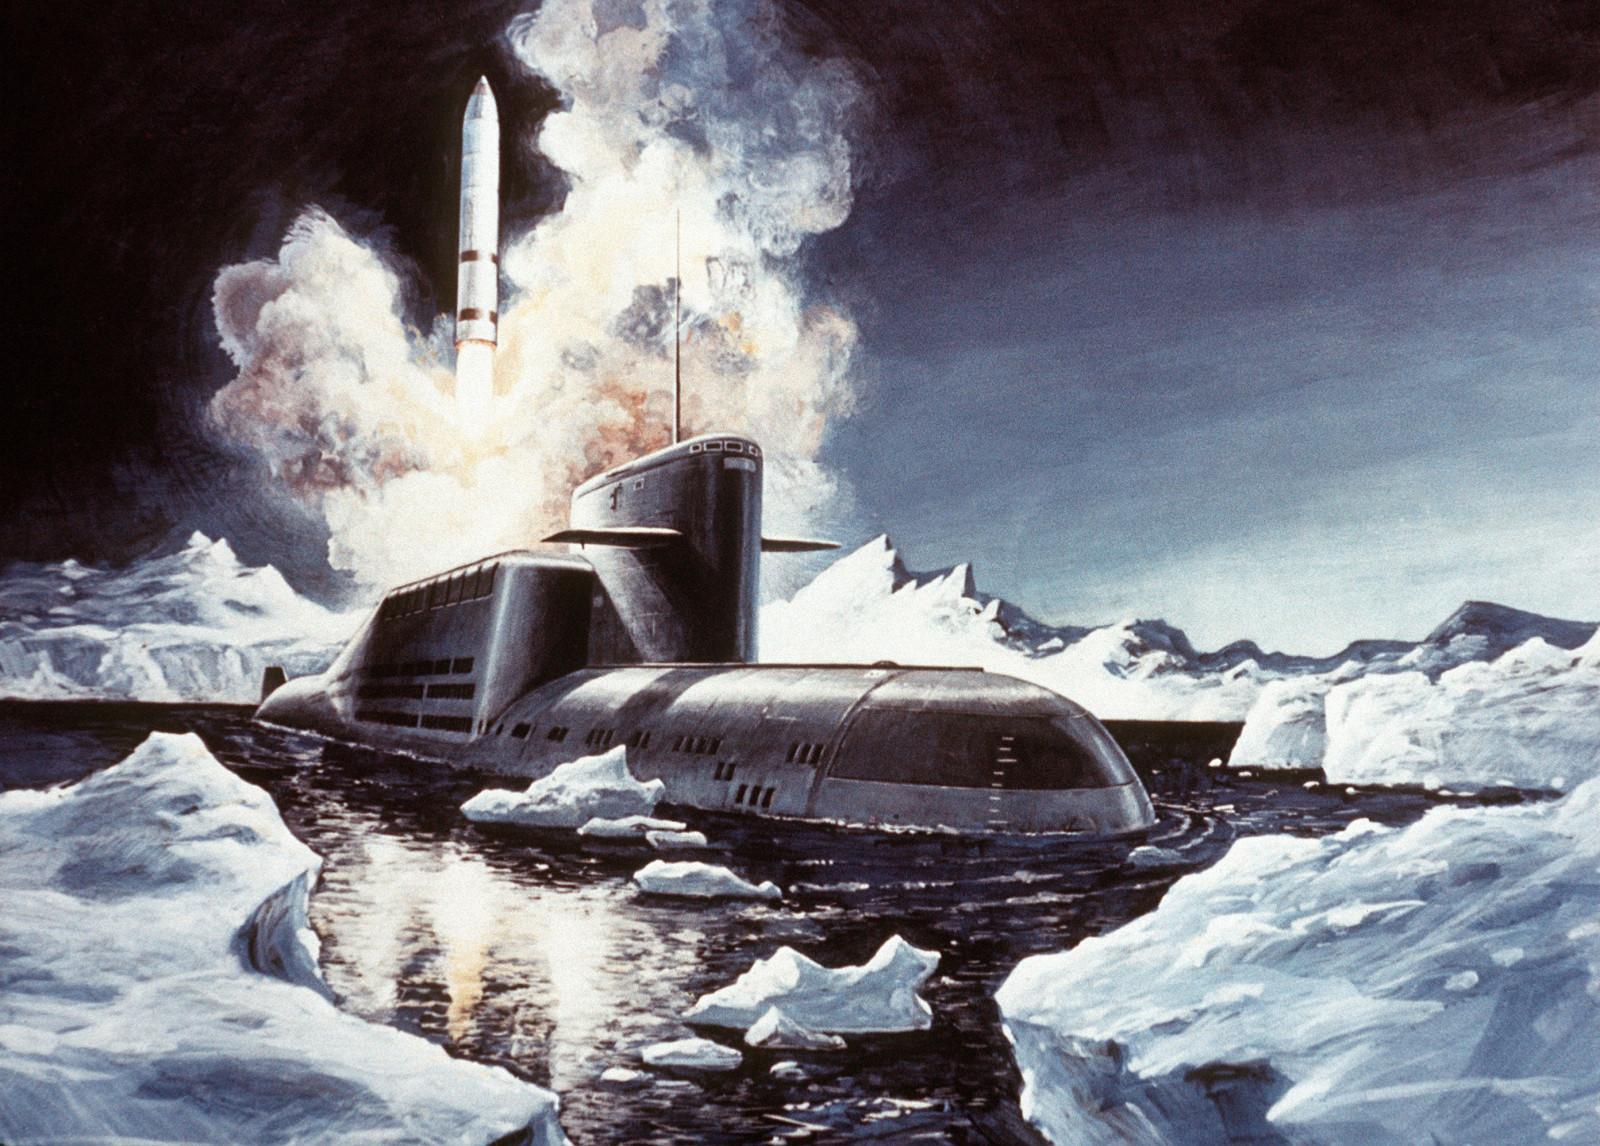 Картинки с подводной лодкой на 23 февраля, открытка днем